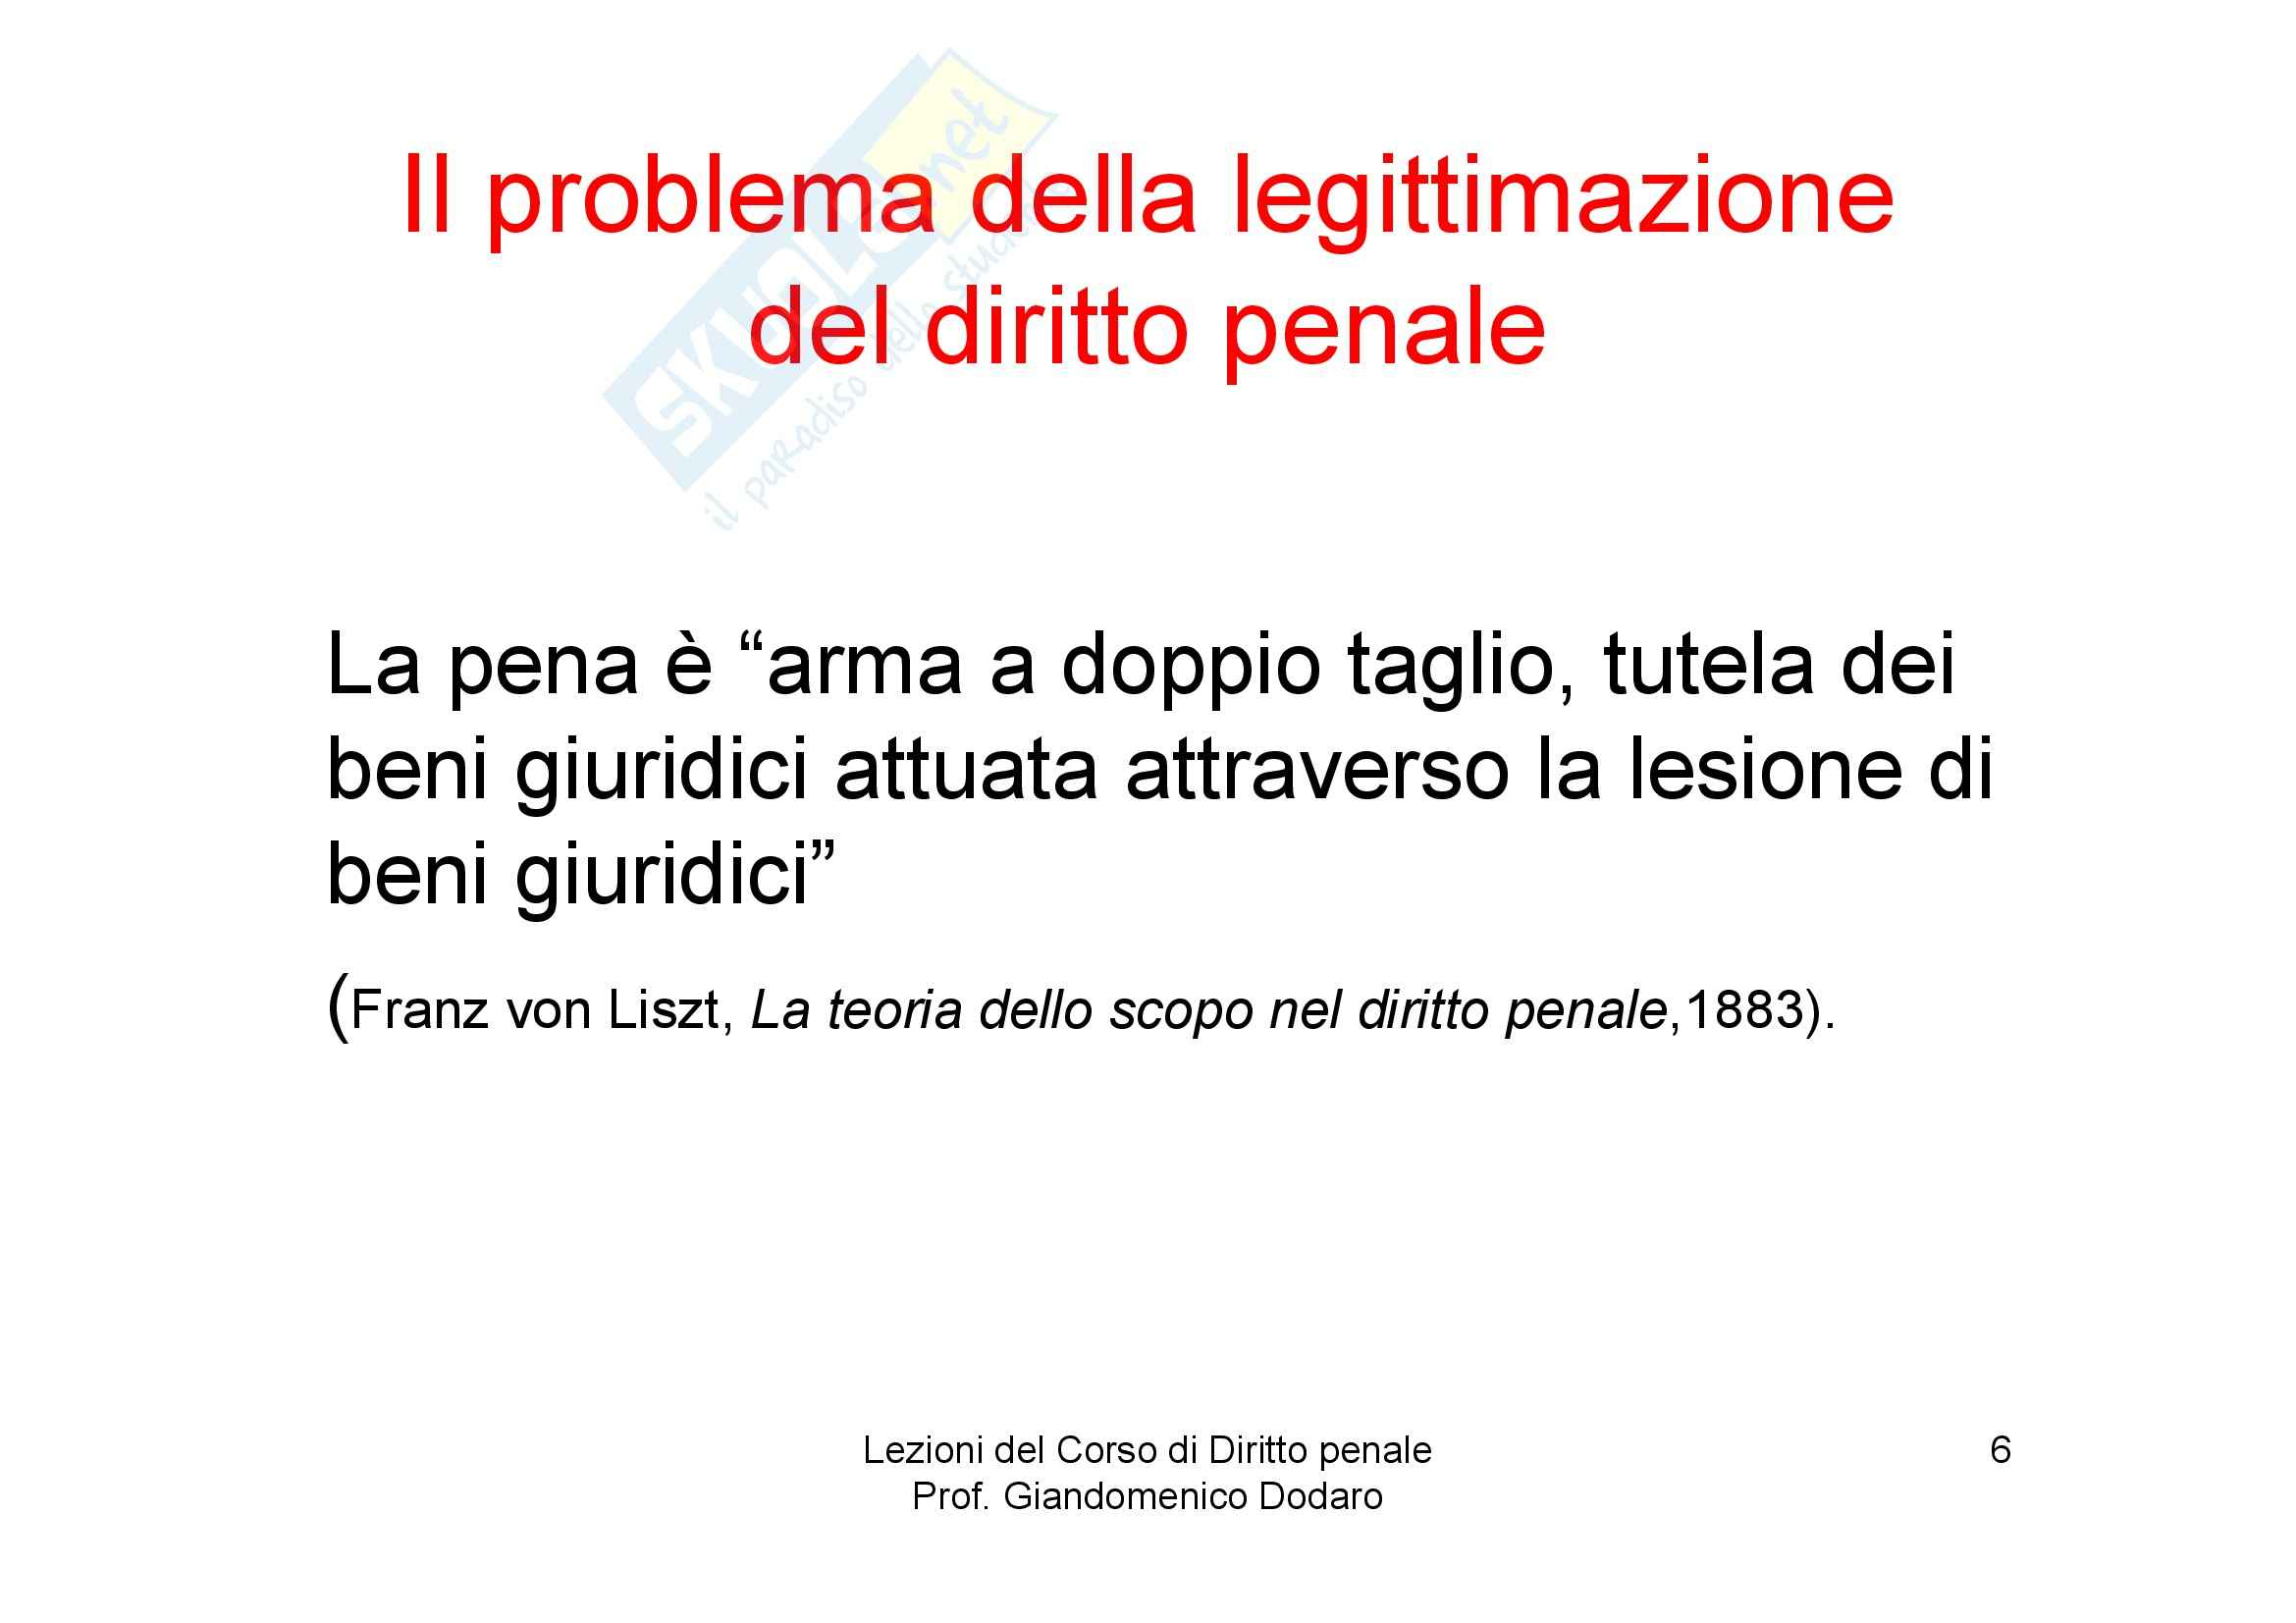 Diritto penale - Slide Pag. 6